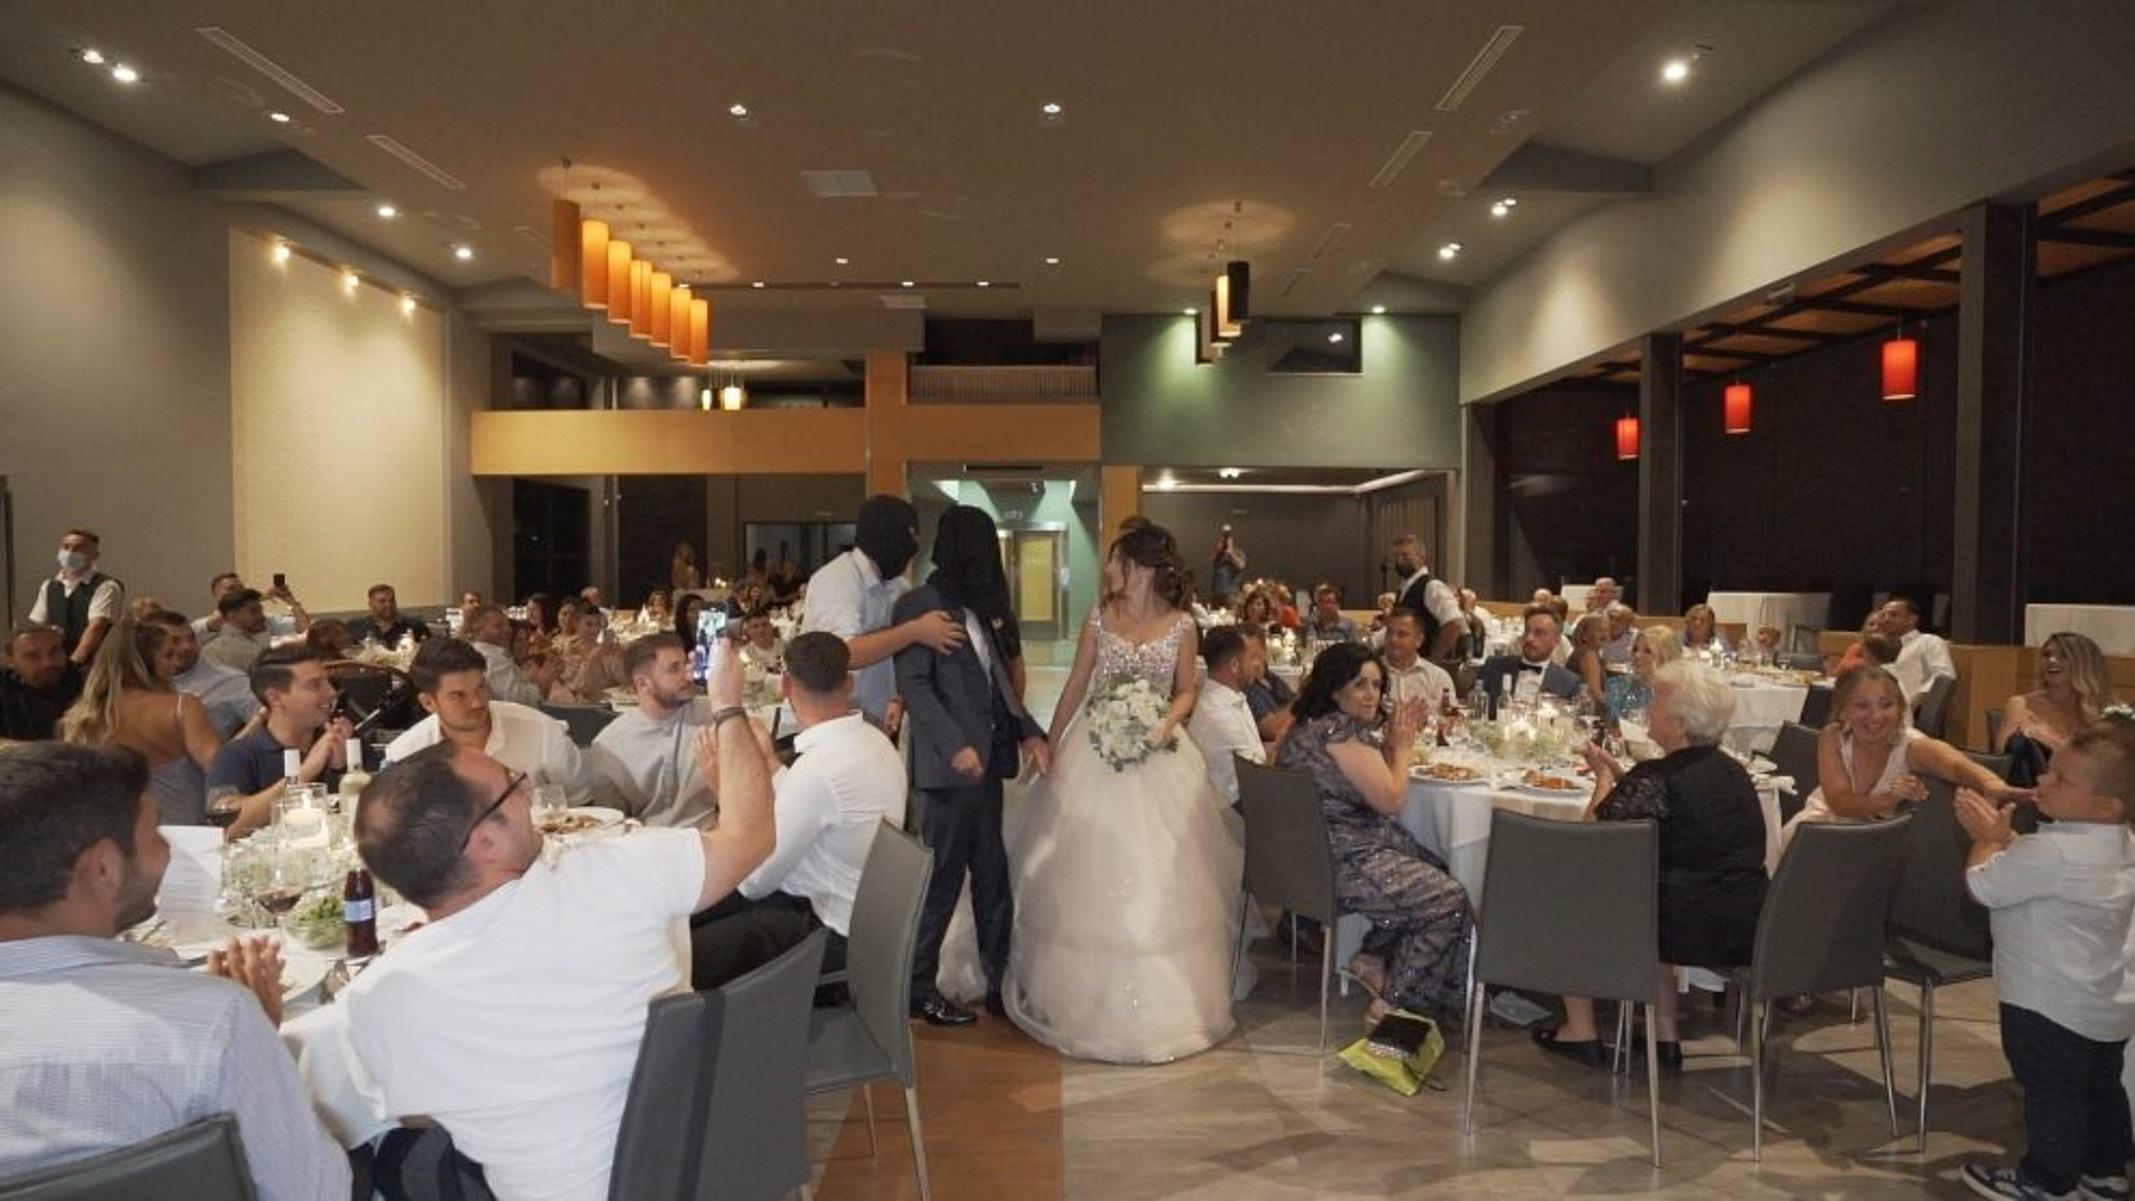 Τρίκαλα: Κουκουλοφόροι «απήγαγαν» γαμπρό στη δεξίωση – Άφωνοι η νύφη και οι καλεσμένοι